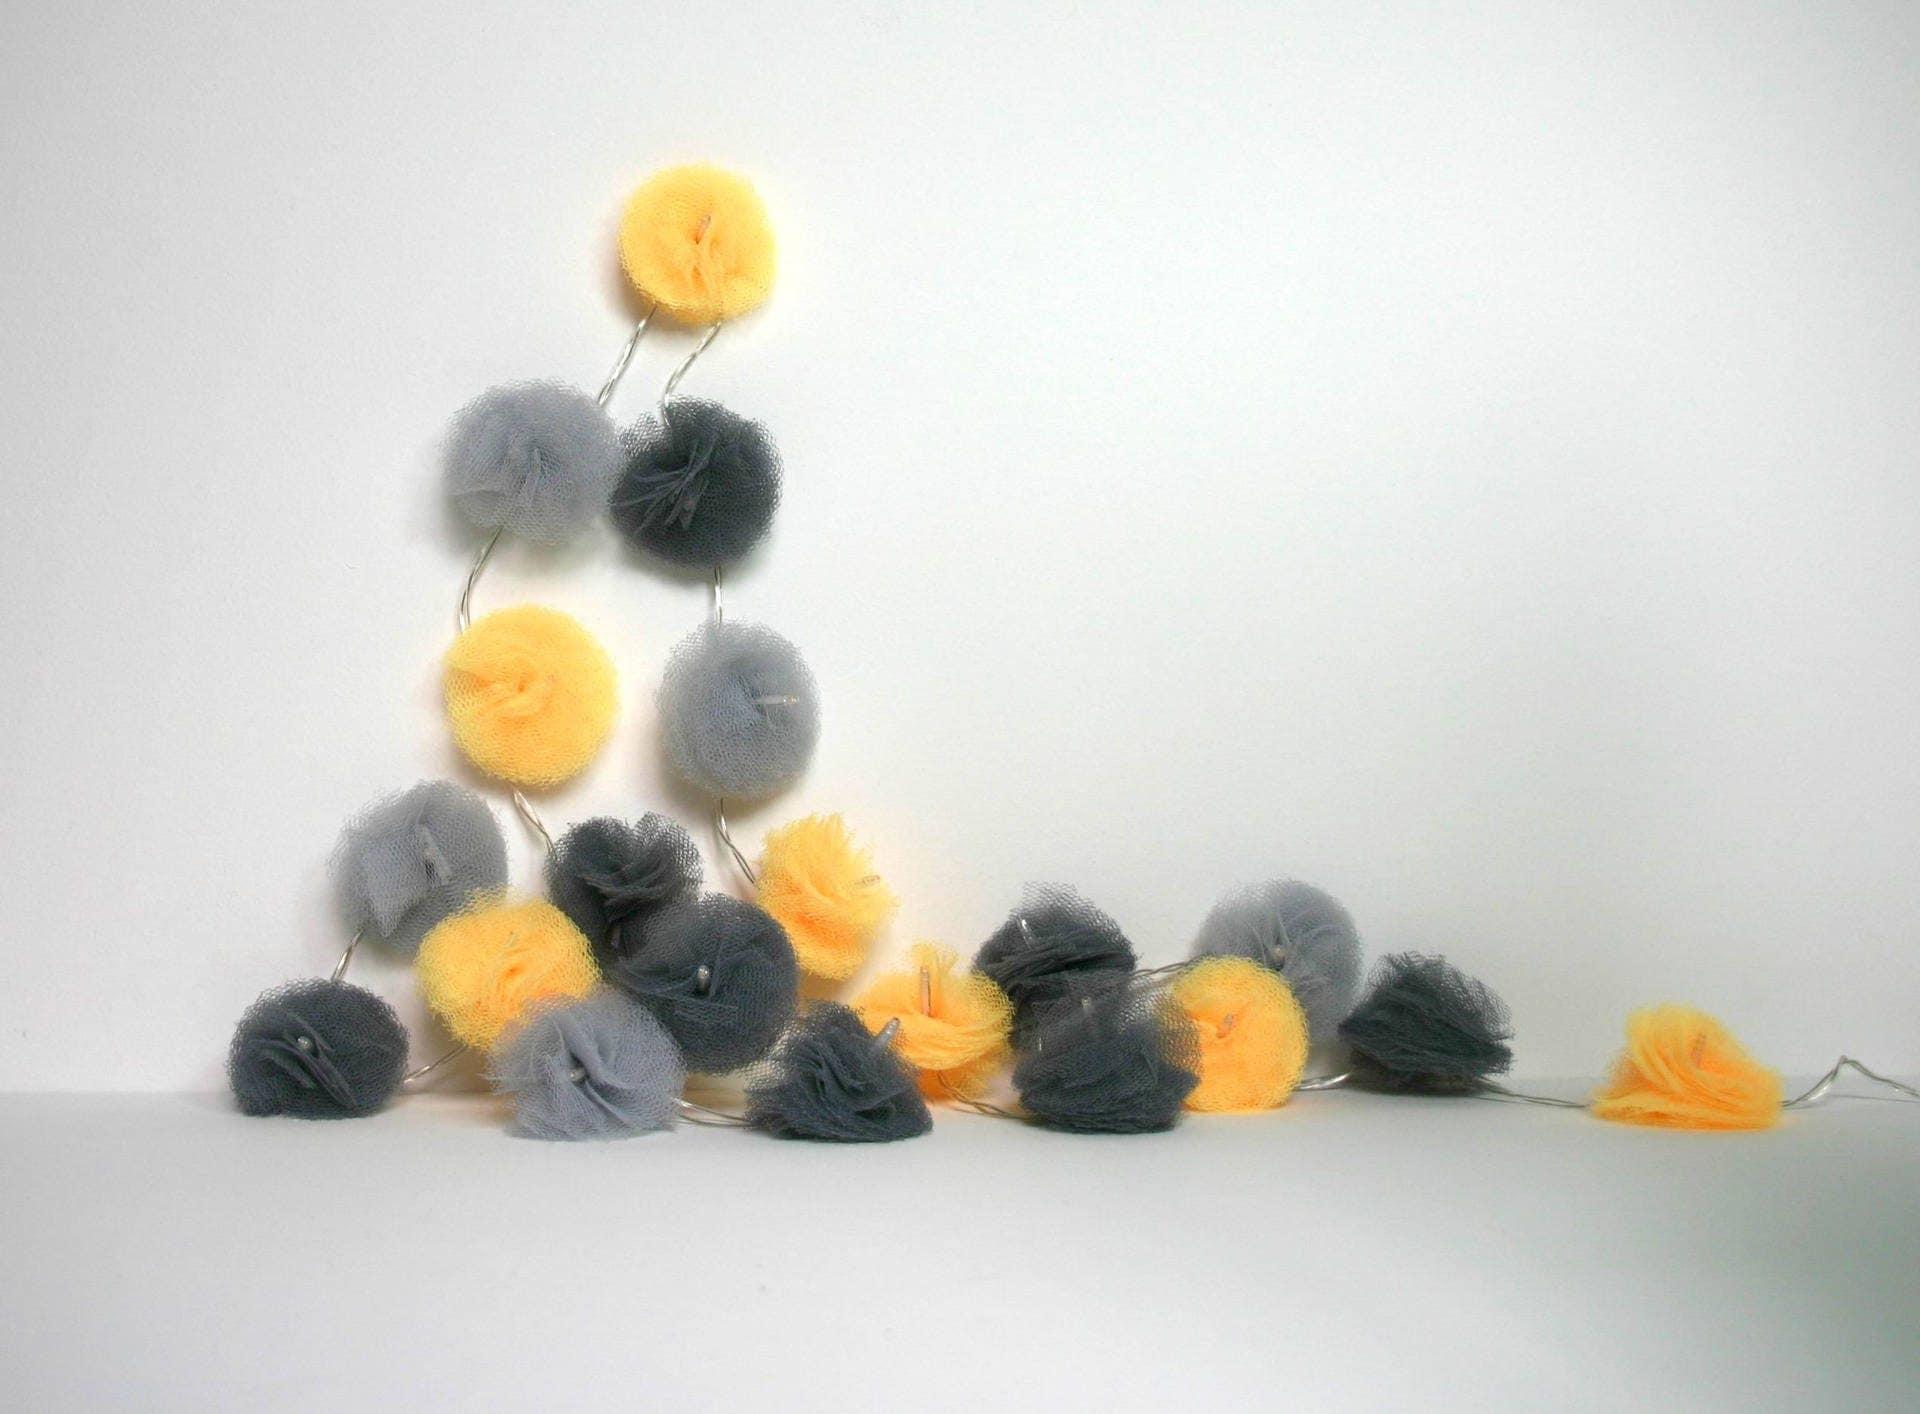 20 led guirlande lumineuse de pompons en tulle gris clair. Black Bedroom Furniture Sets. Home Design Ideas